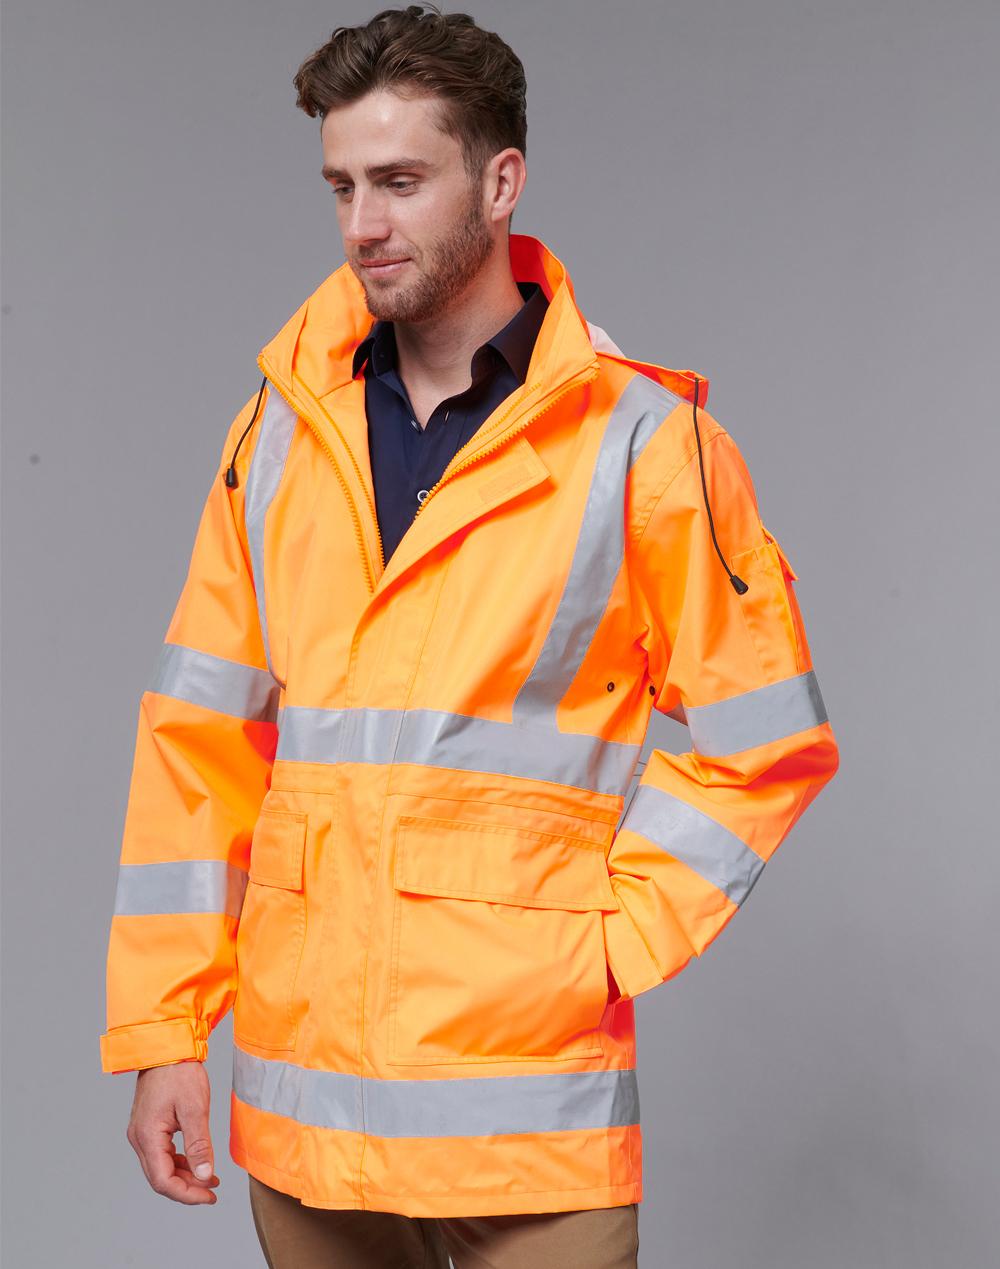 SW75 VIC Rail Hi Vis Safety Jacket - Unisex